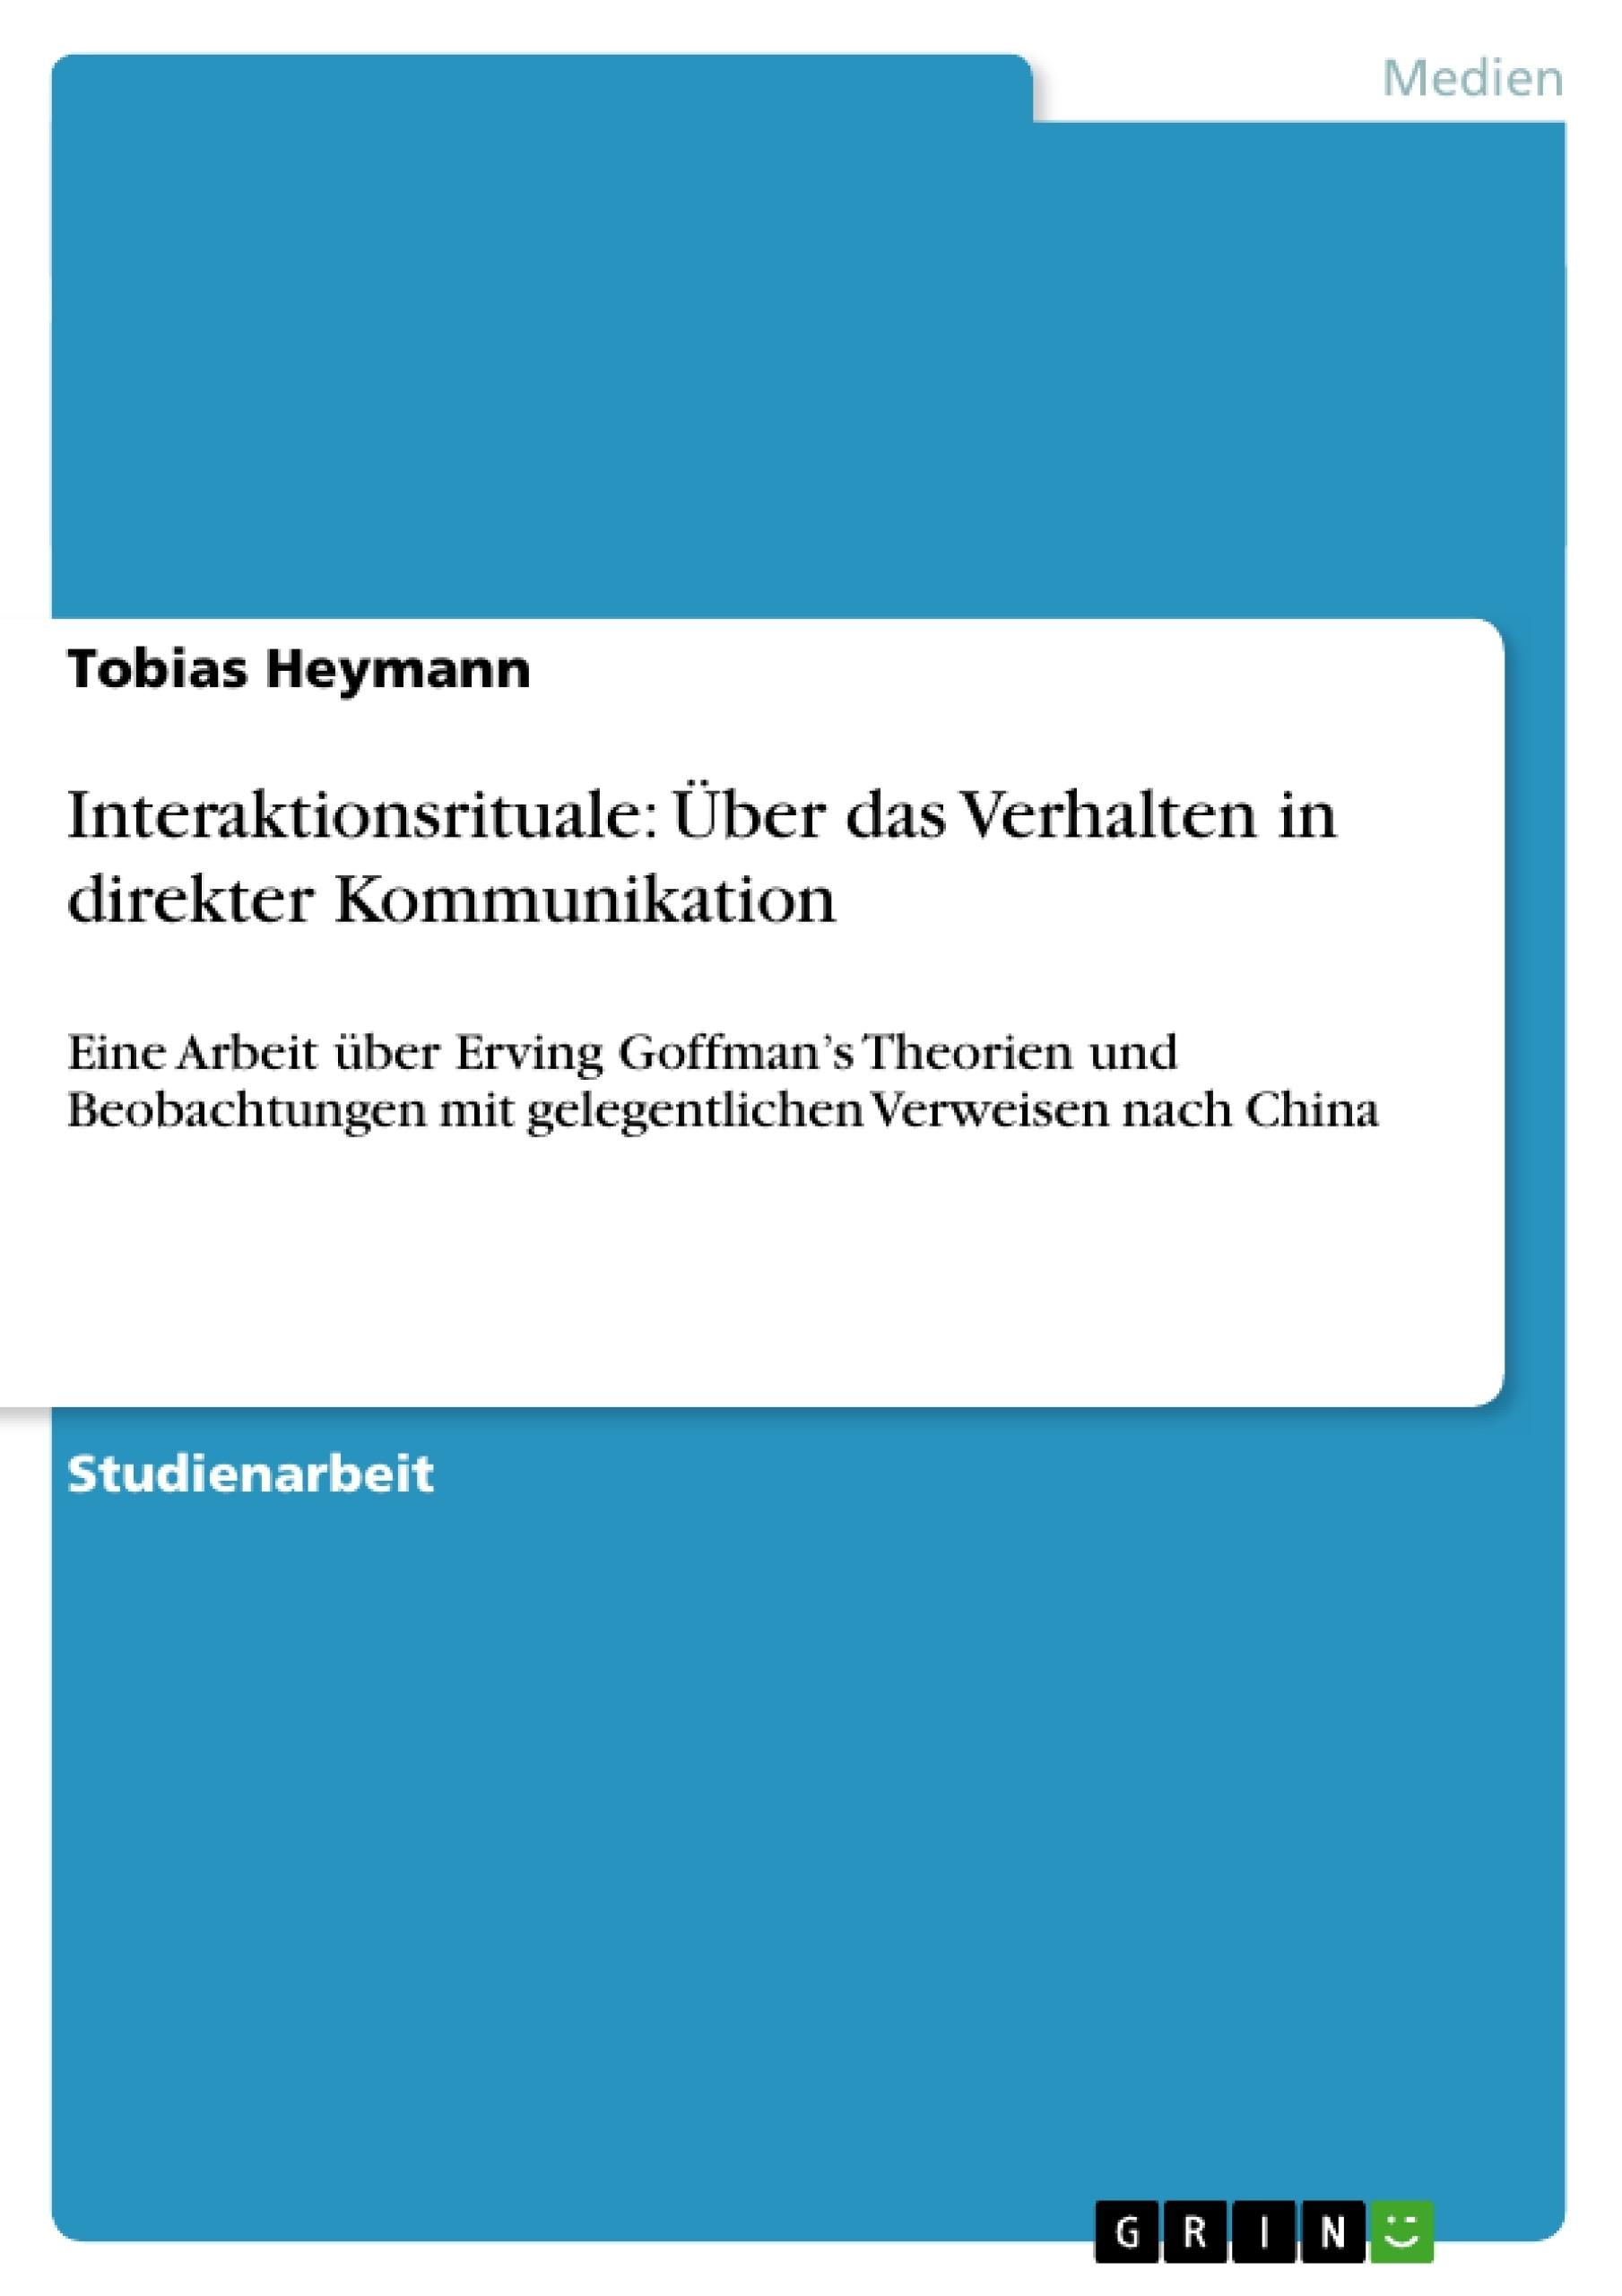 Titel: Interaktionsrituale: Über das Verhalten in direkter Kommunikation